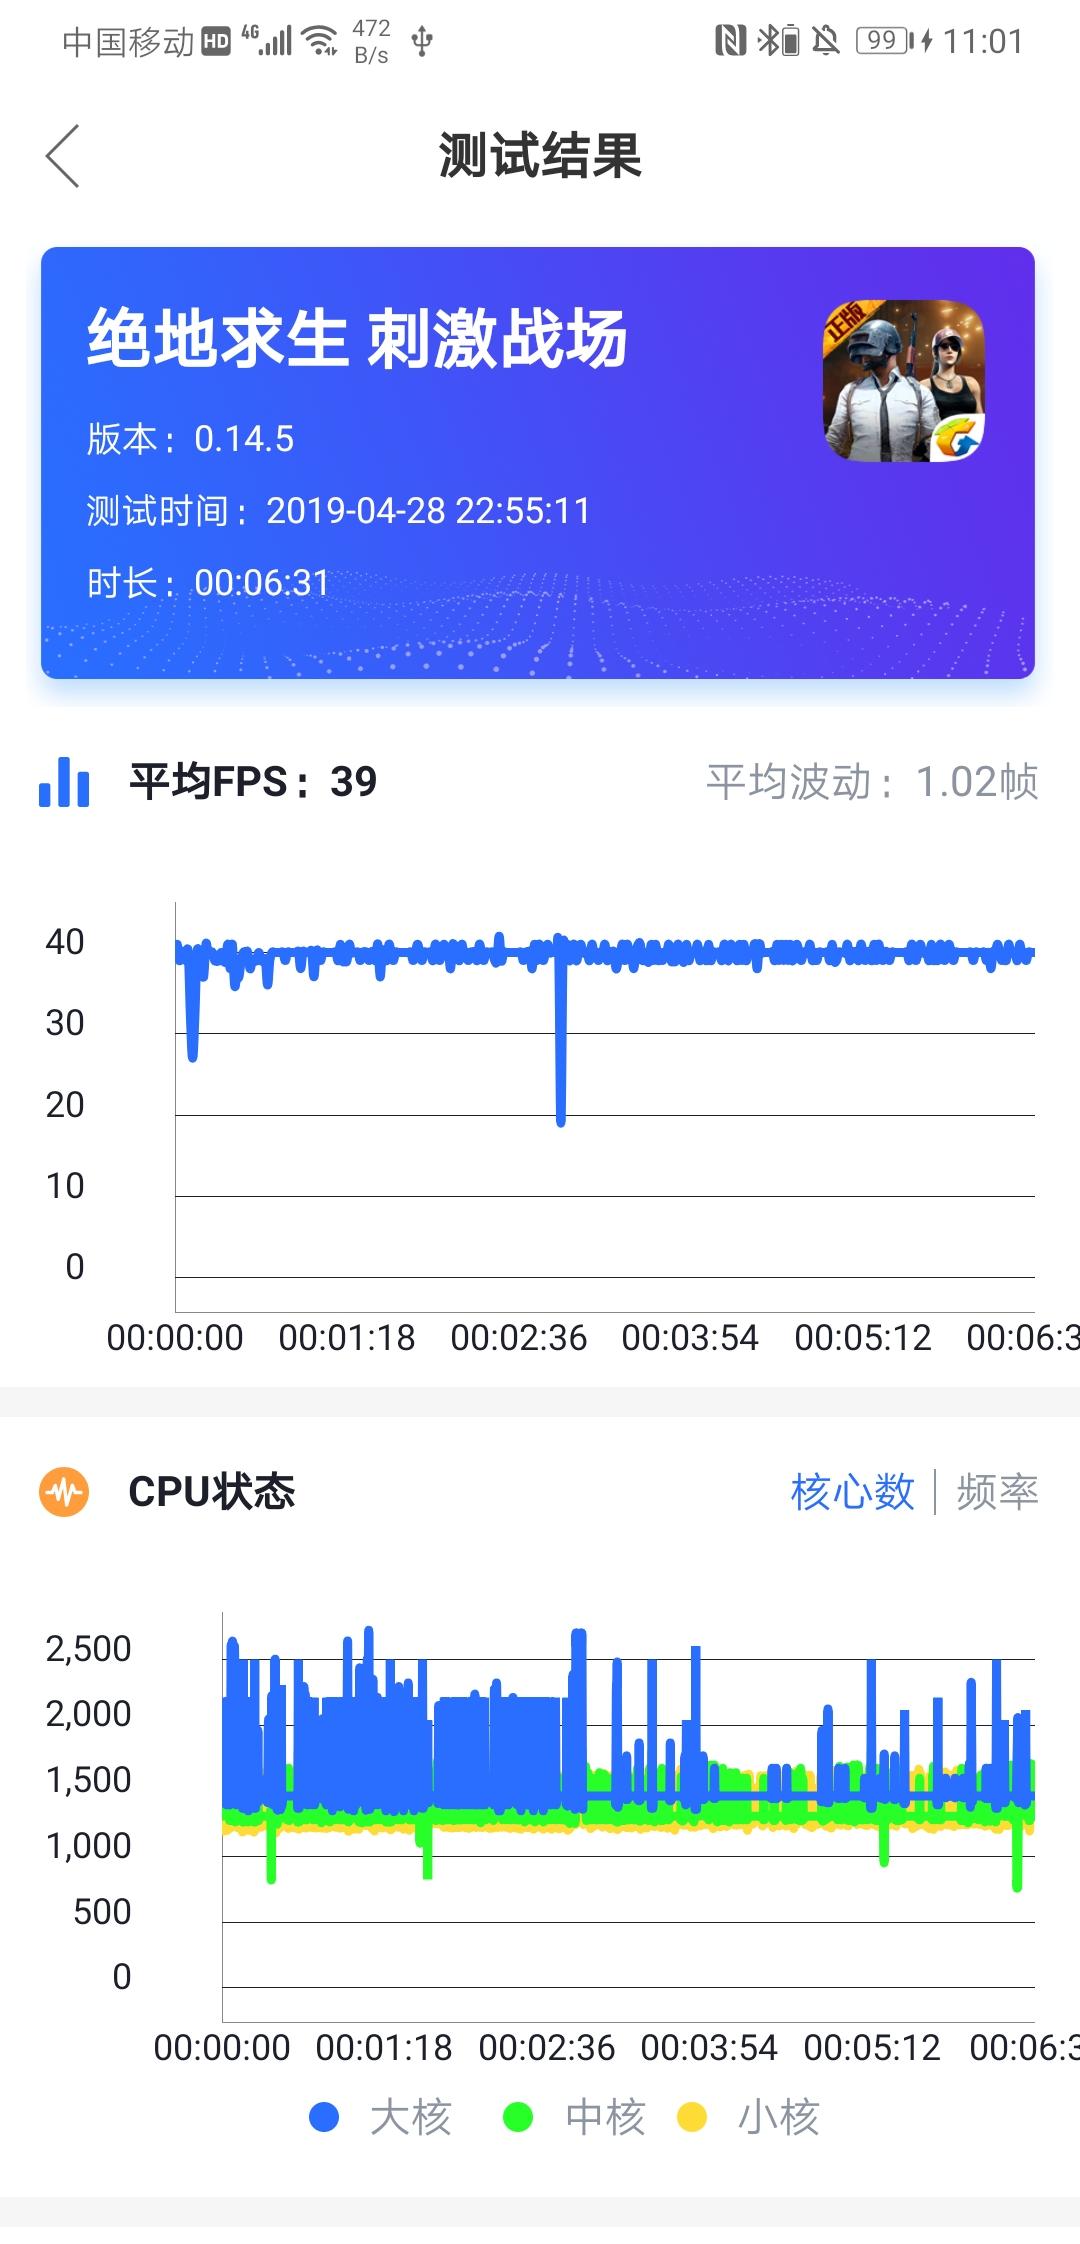 Screenshot_20190428_230155_com.af.benchaf.jpg